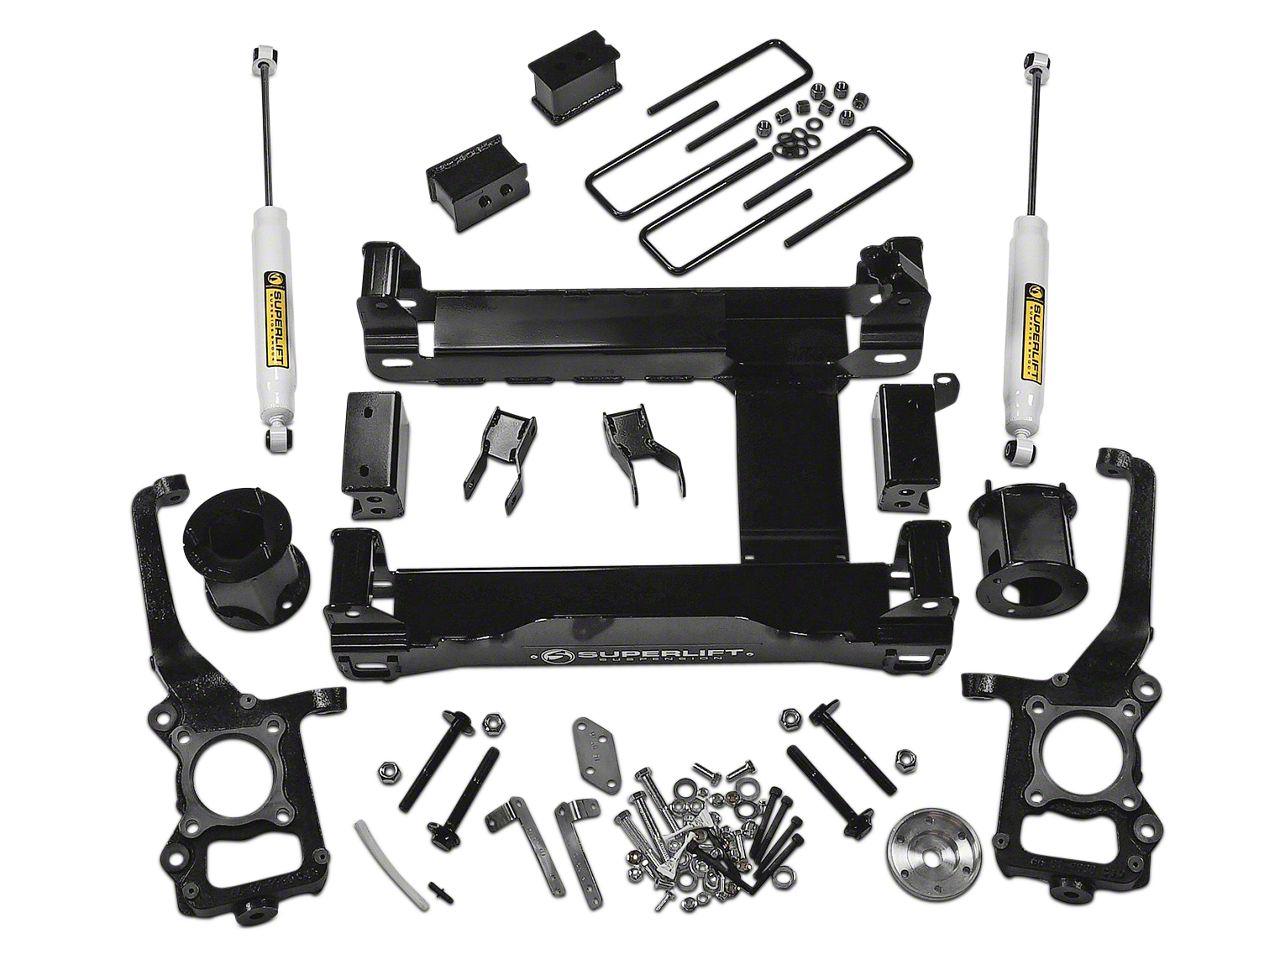 SuperLift 6 in. Suspension Lift Kit w/ Shocks (15-18 4WD F-150, Excluding Raptor)